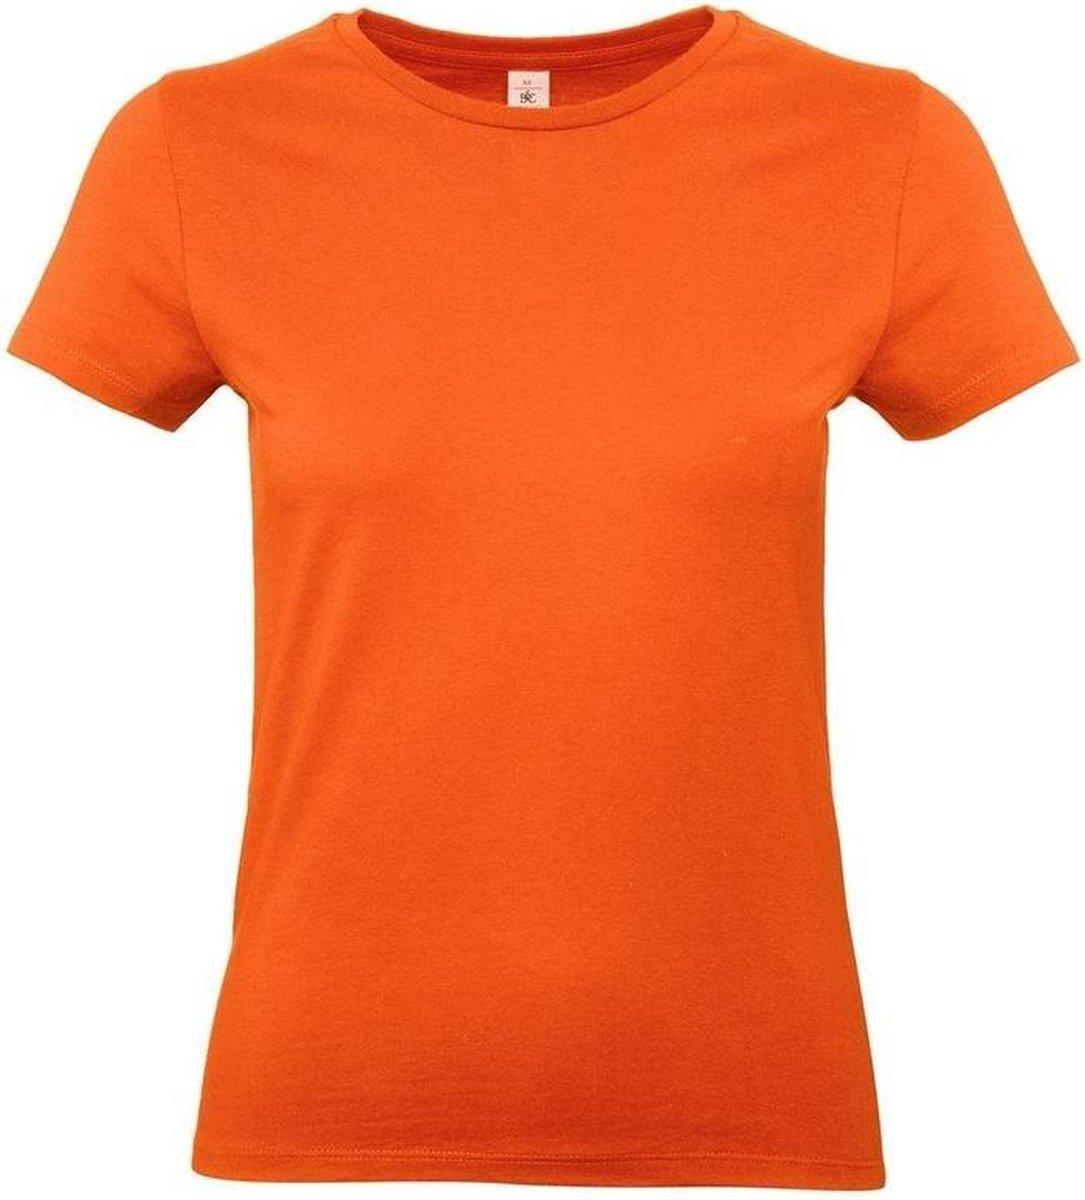 Basic dames t-shirt oranje met ronde hals - Oranje dameskleding casual shirts M (38)